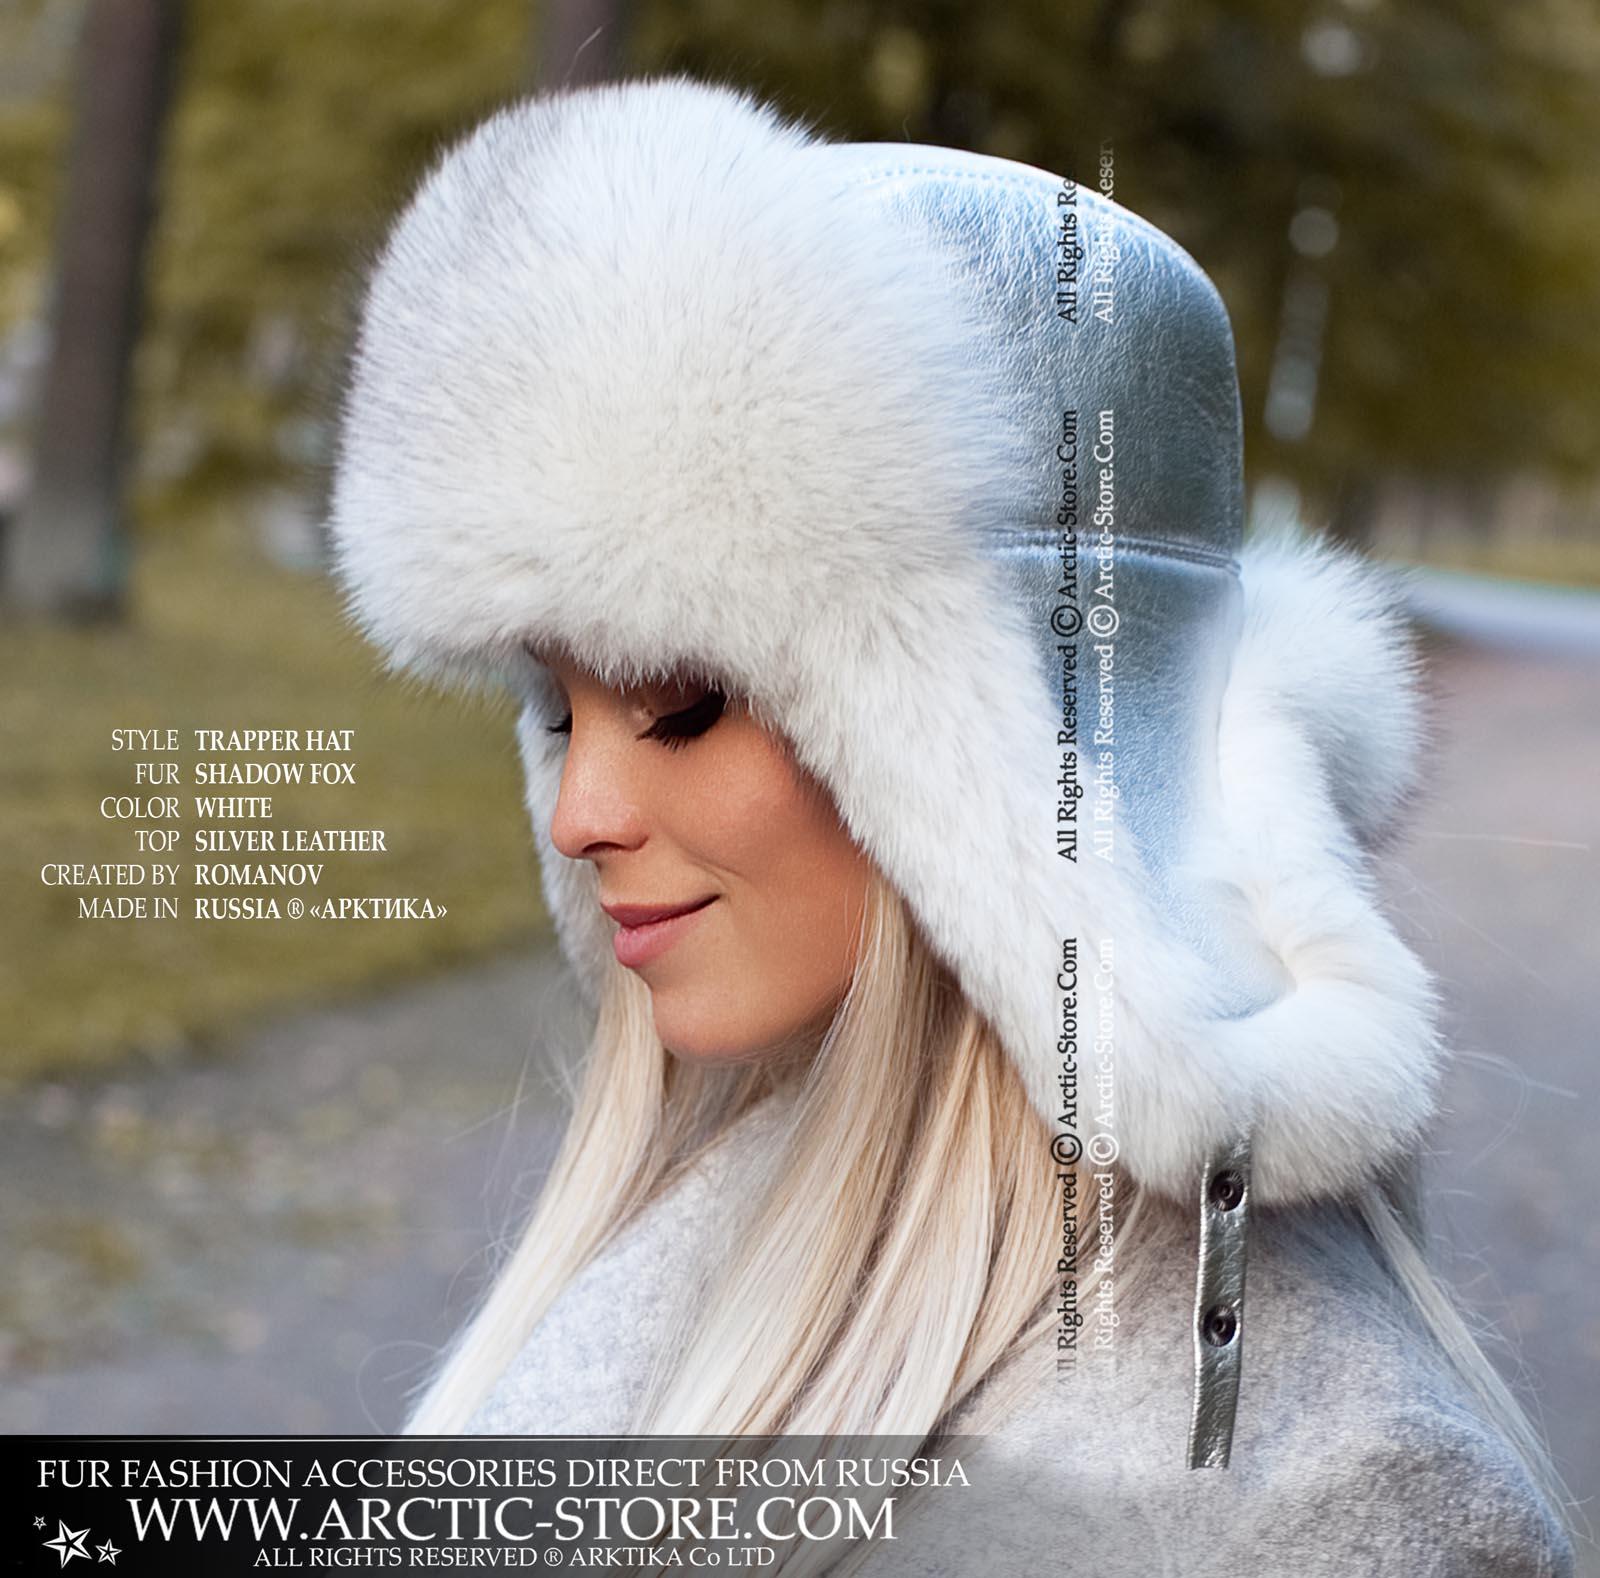 8711abeb7aee7 Polar winter fur hat - Silver leather fur fox ushanka